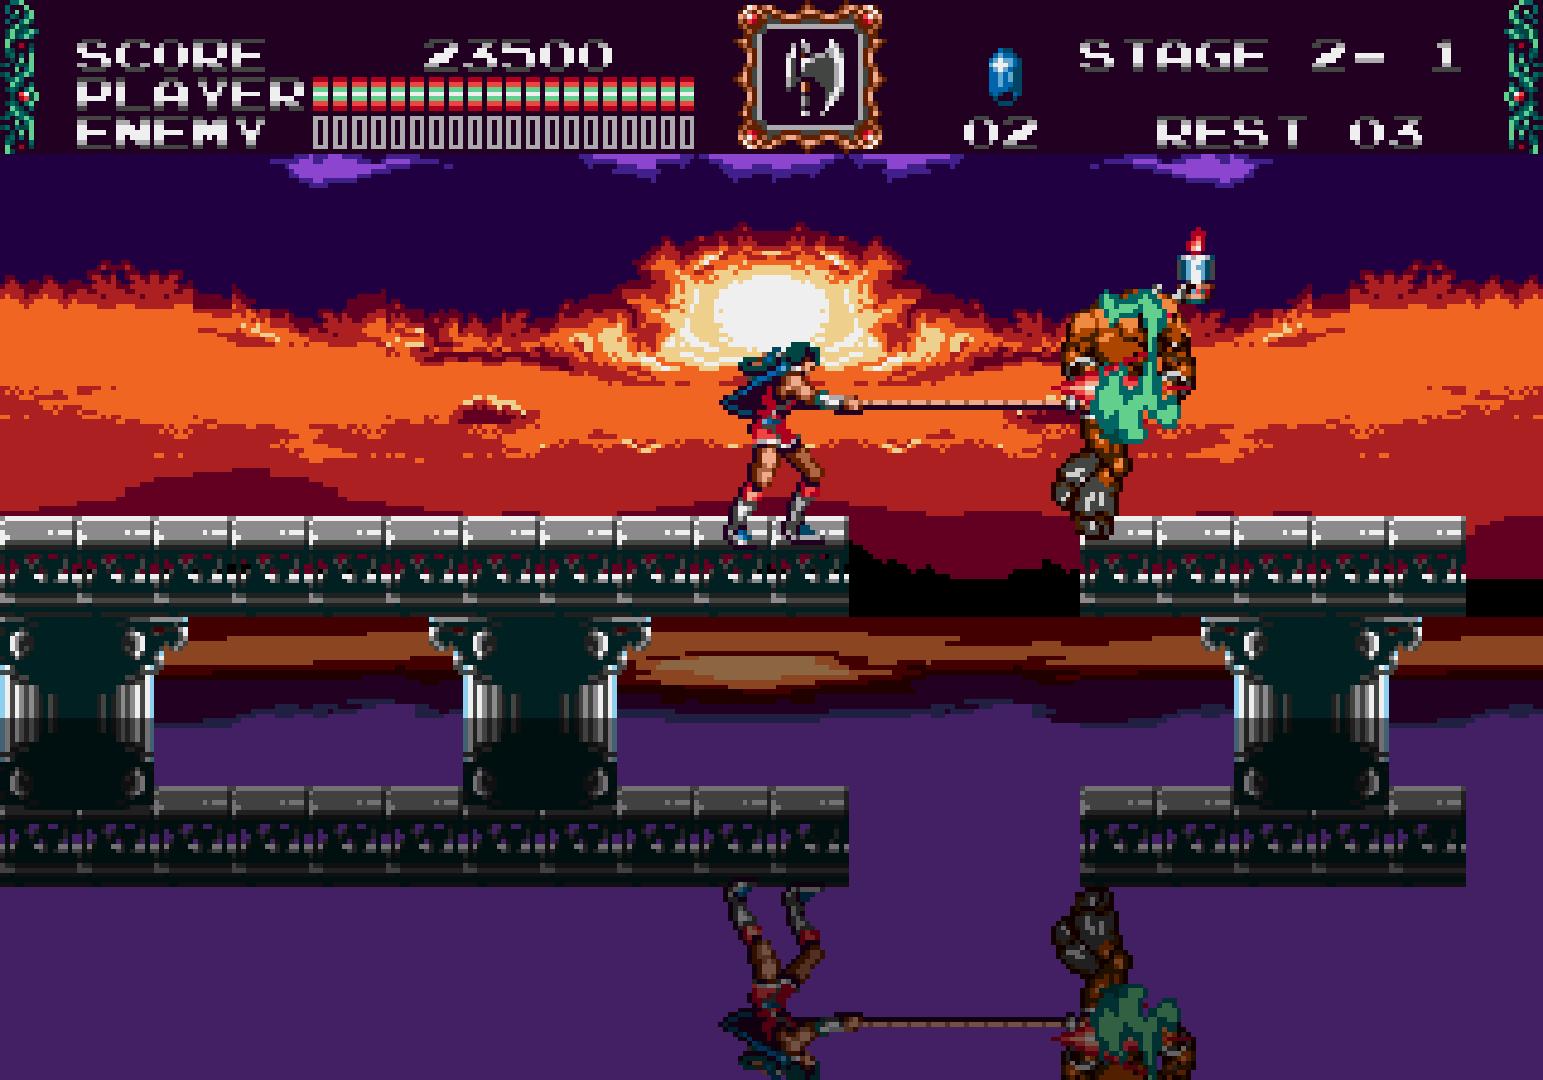 Uno degli stage più iconici, con uno straordinario (per i tempi e per il Mega Drive) effetto di riflesso e distorsione dell'immagine.